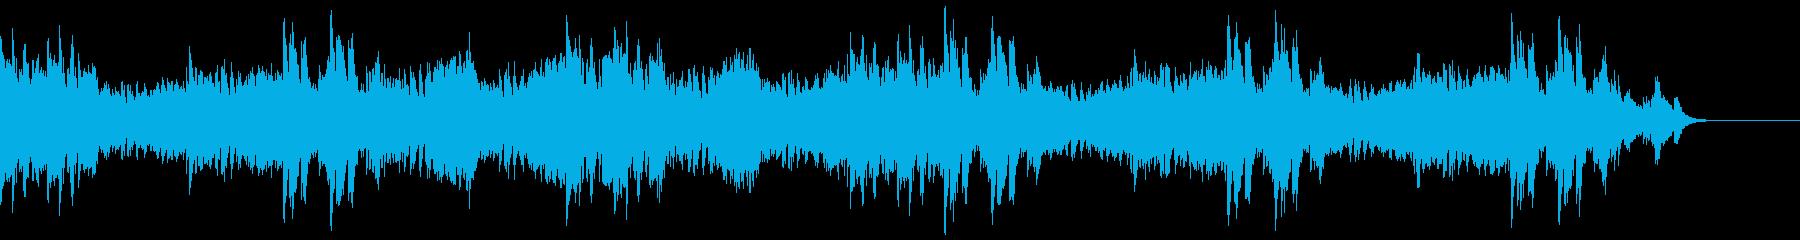 緊迫感のあるピアノソロ/サスペンスの再生済みの波形